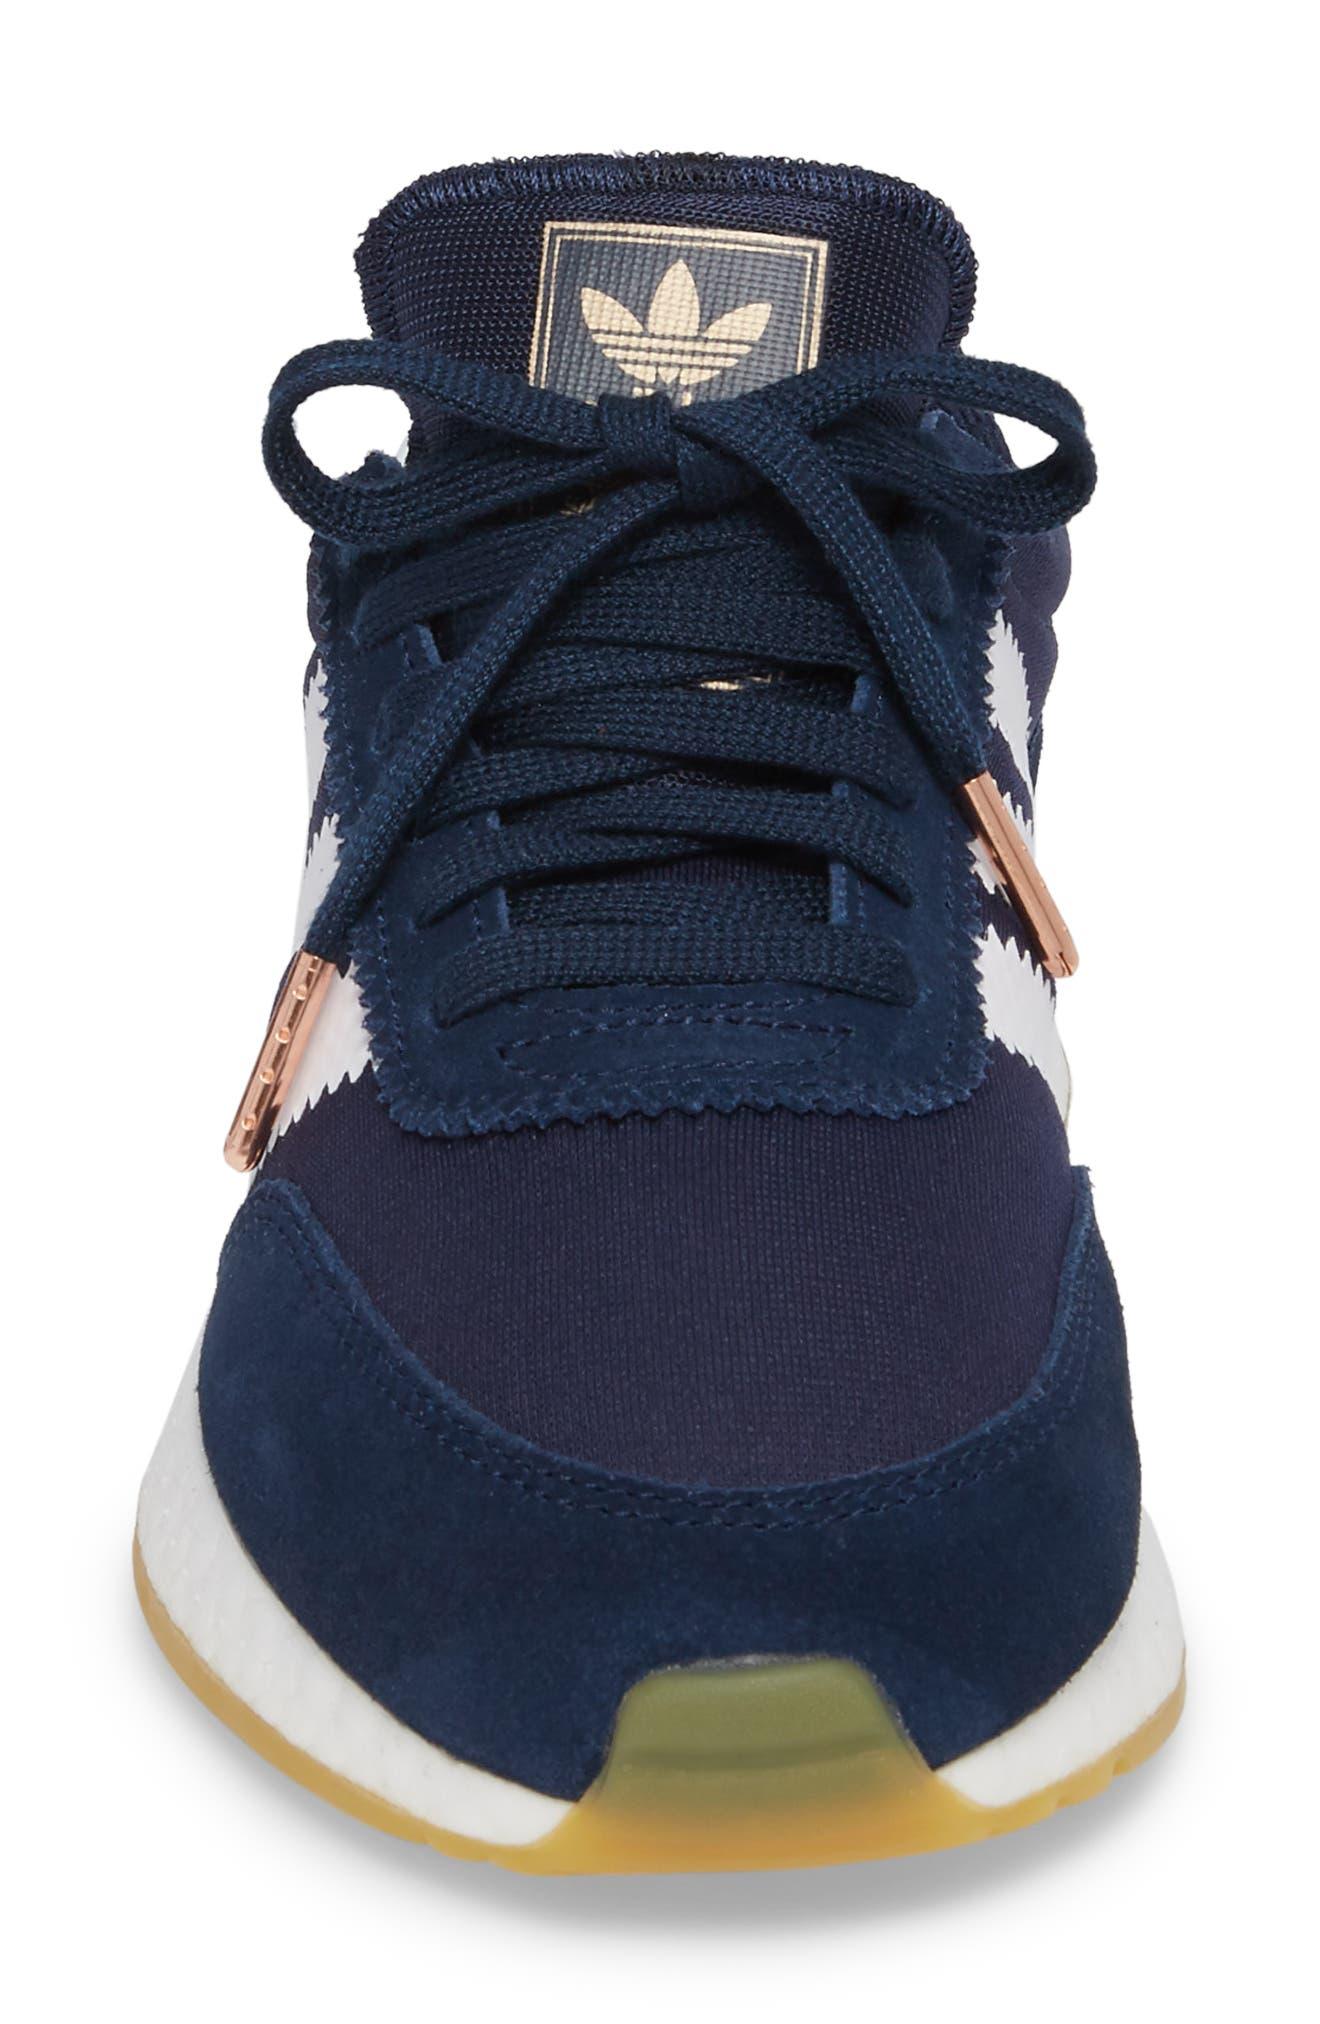 I-5923 Sneaker,                             Alternate thumbnail 4, color,                             Navy/ White/ Gum